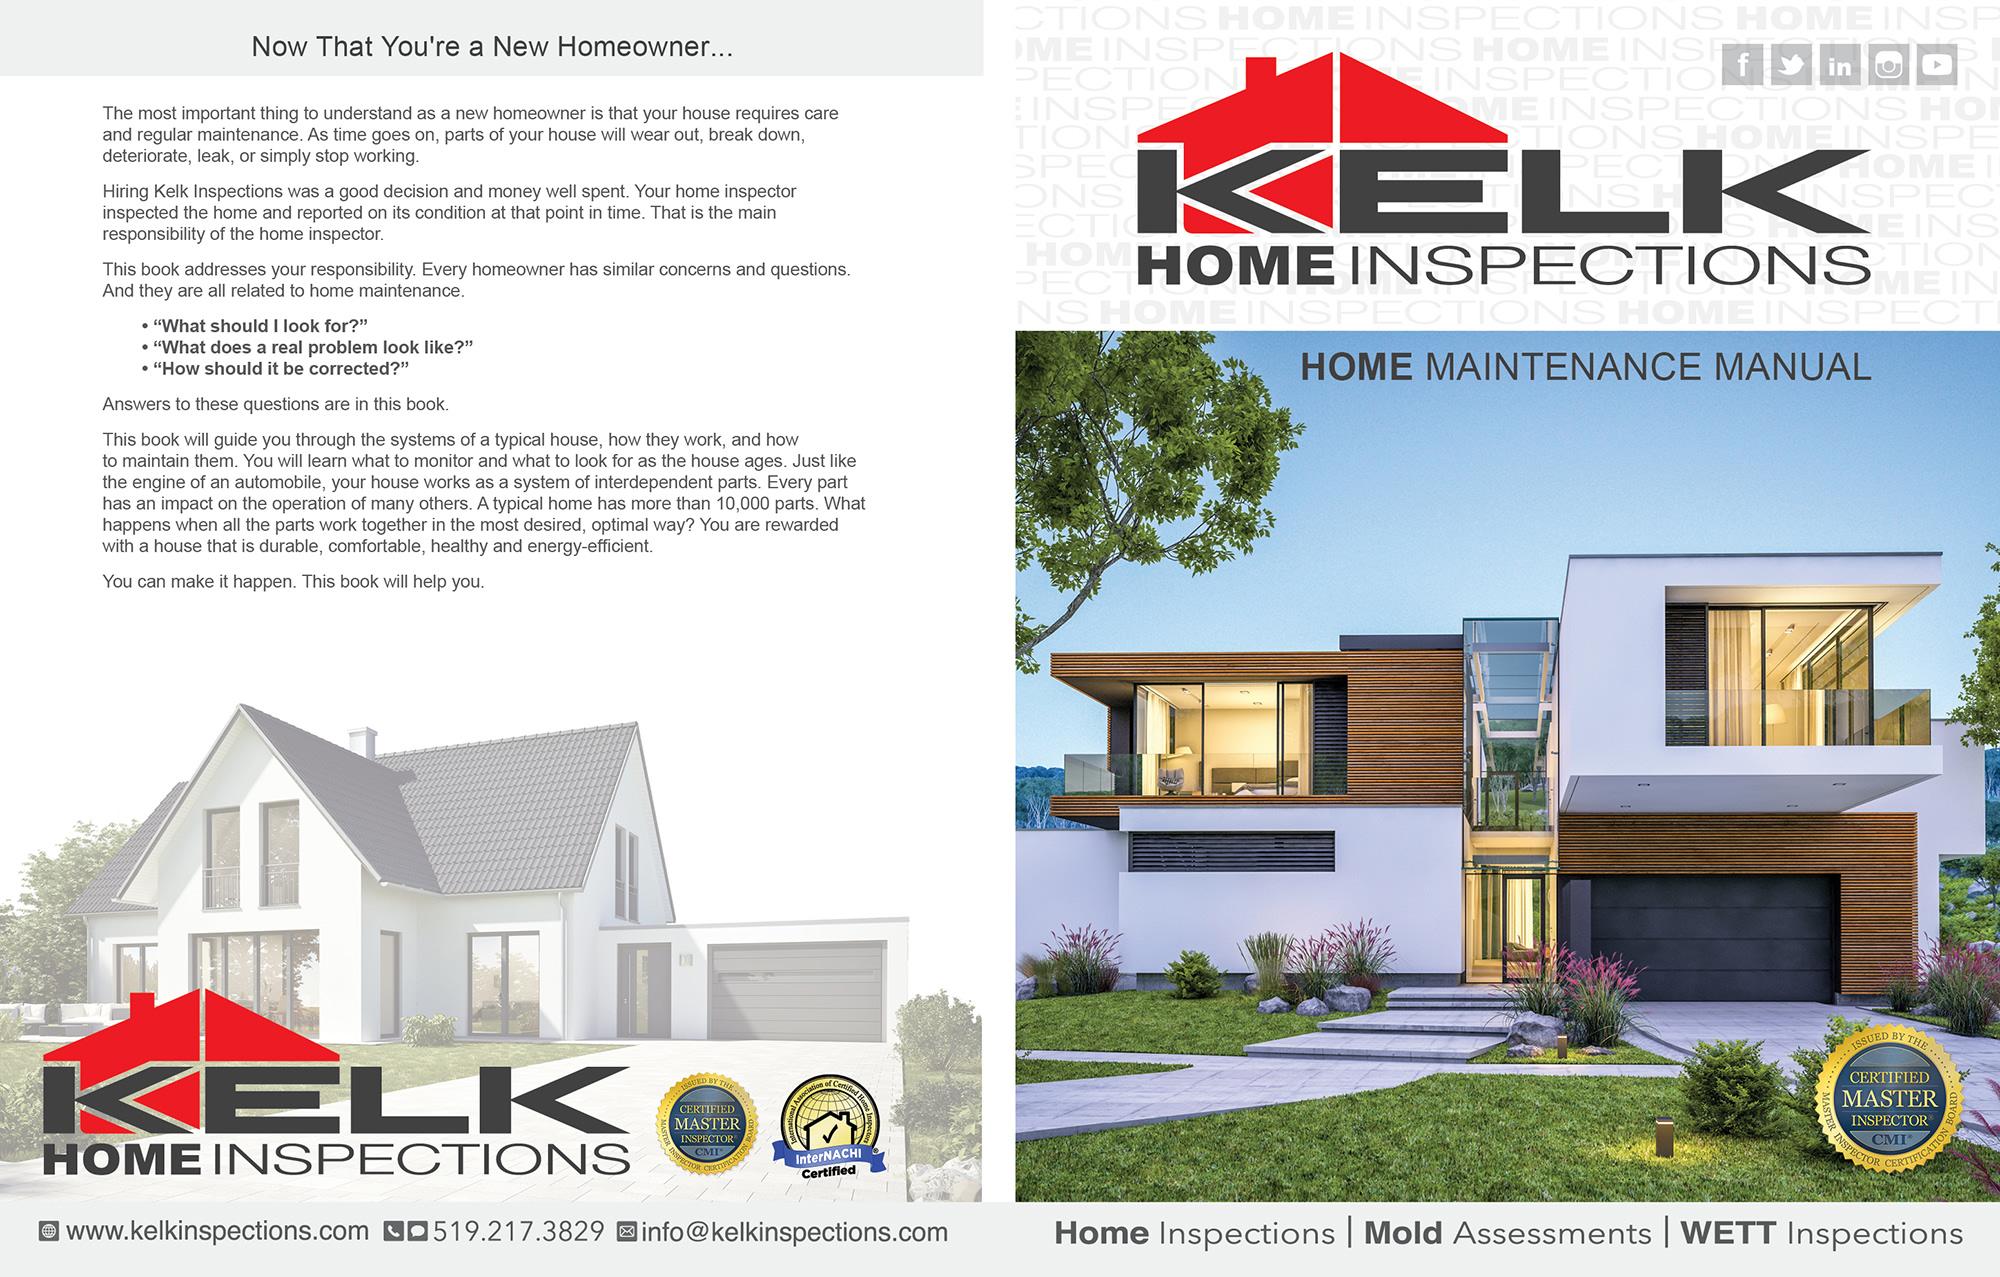 Custom Home Maintenance Book for Kelk Home Inspections